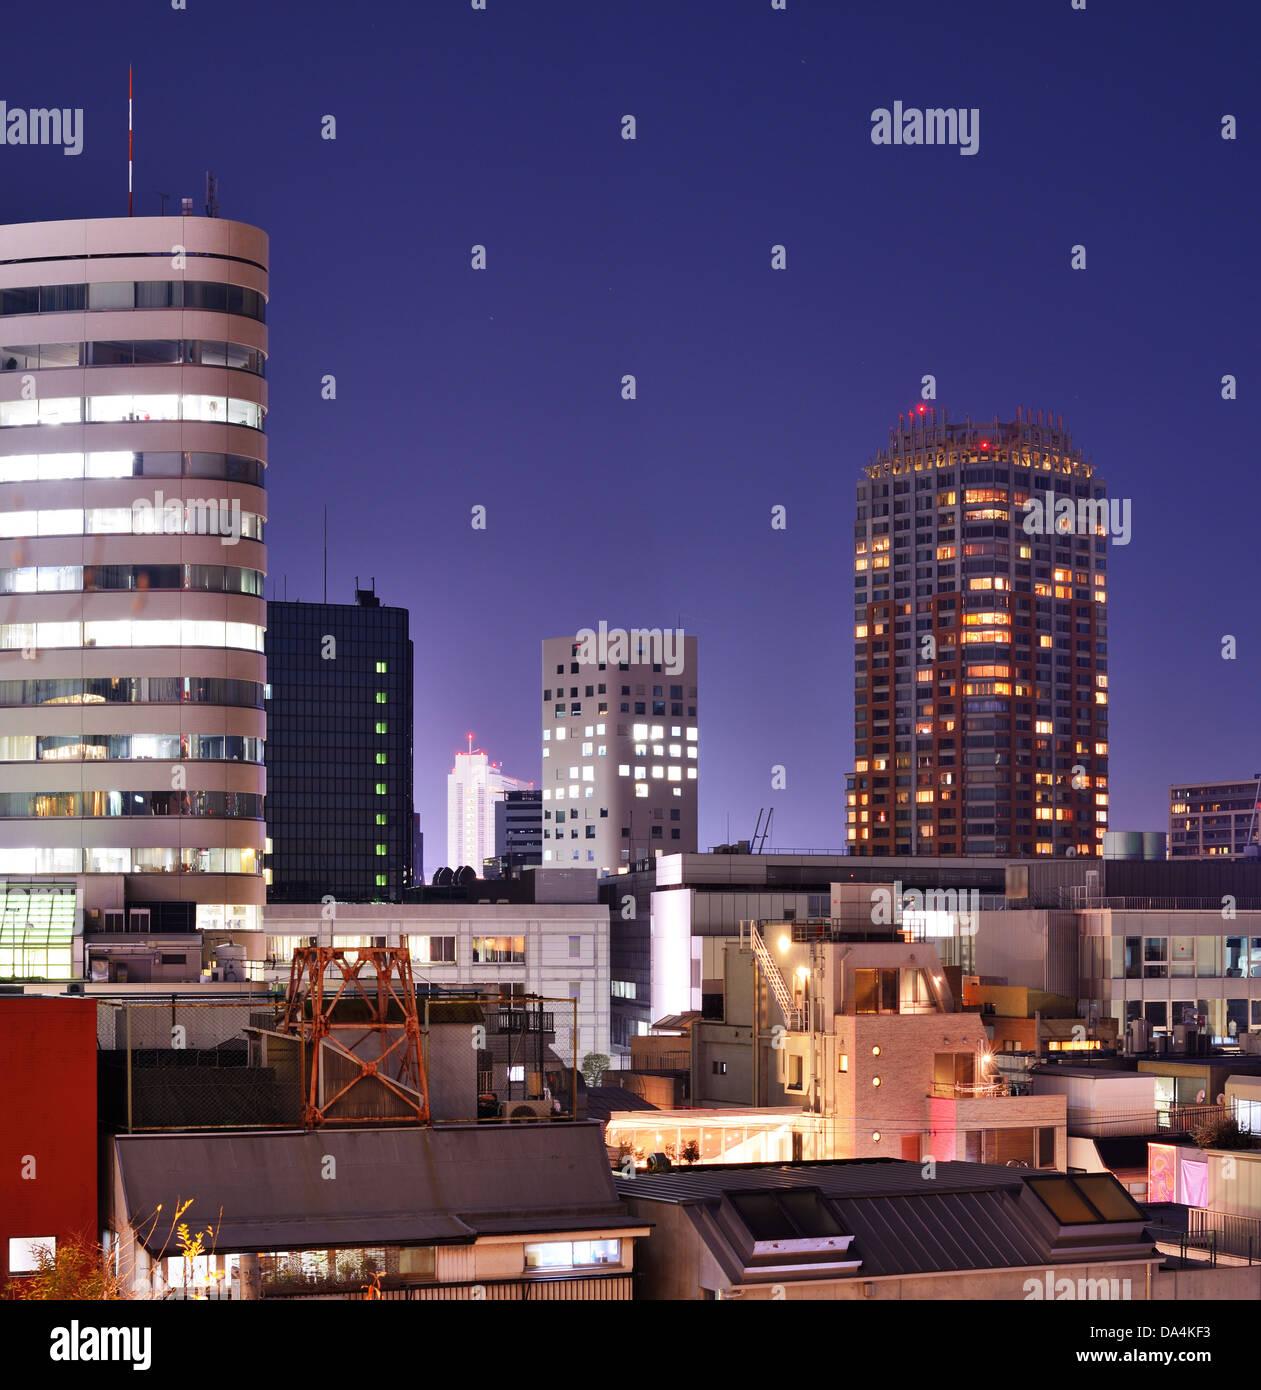 Stadtbild im Ebisu Bezirk von Tokio in der Nacht. Stockbild